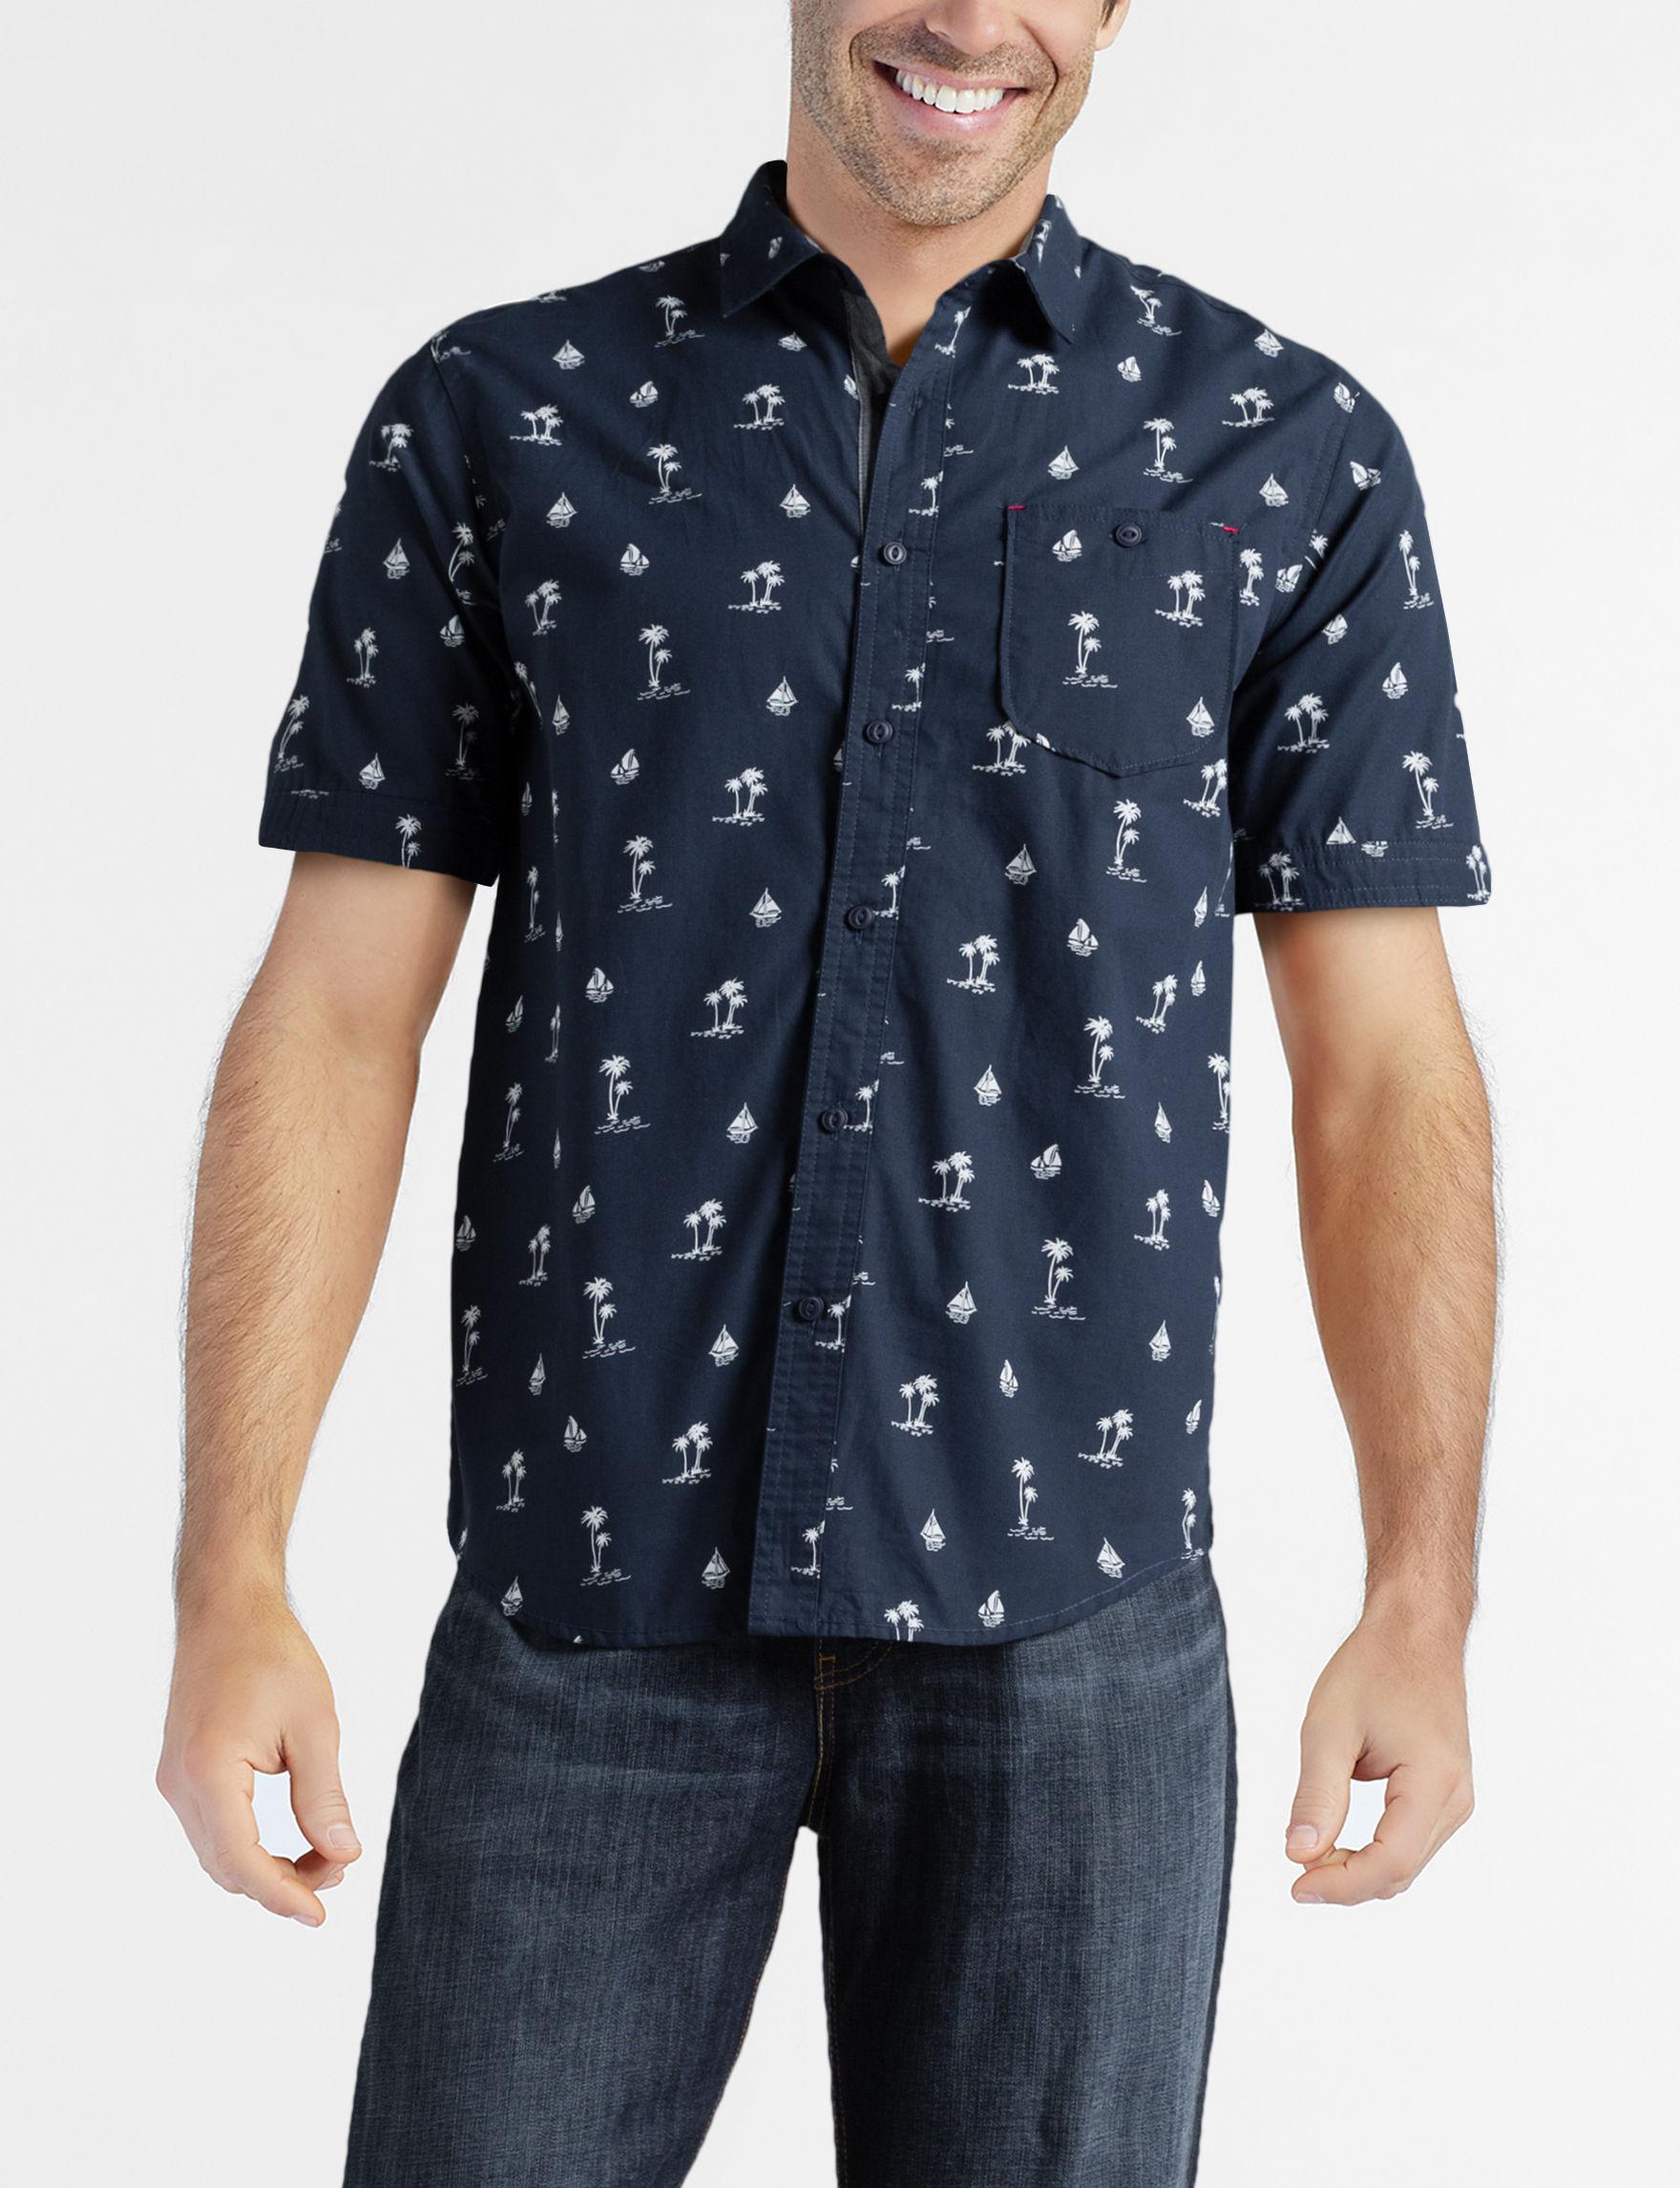 Rustic Blue Dark Blue Casual Button Down Shirts